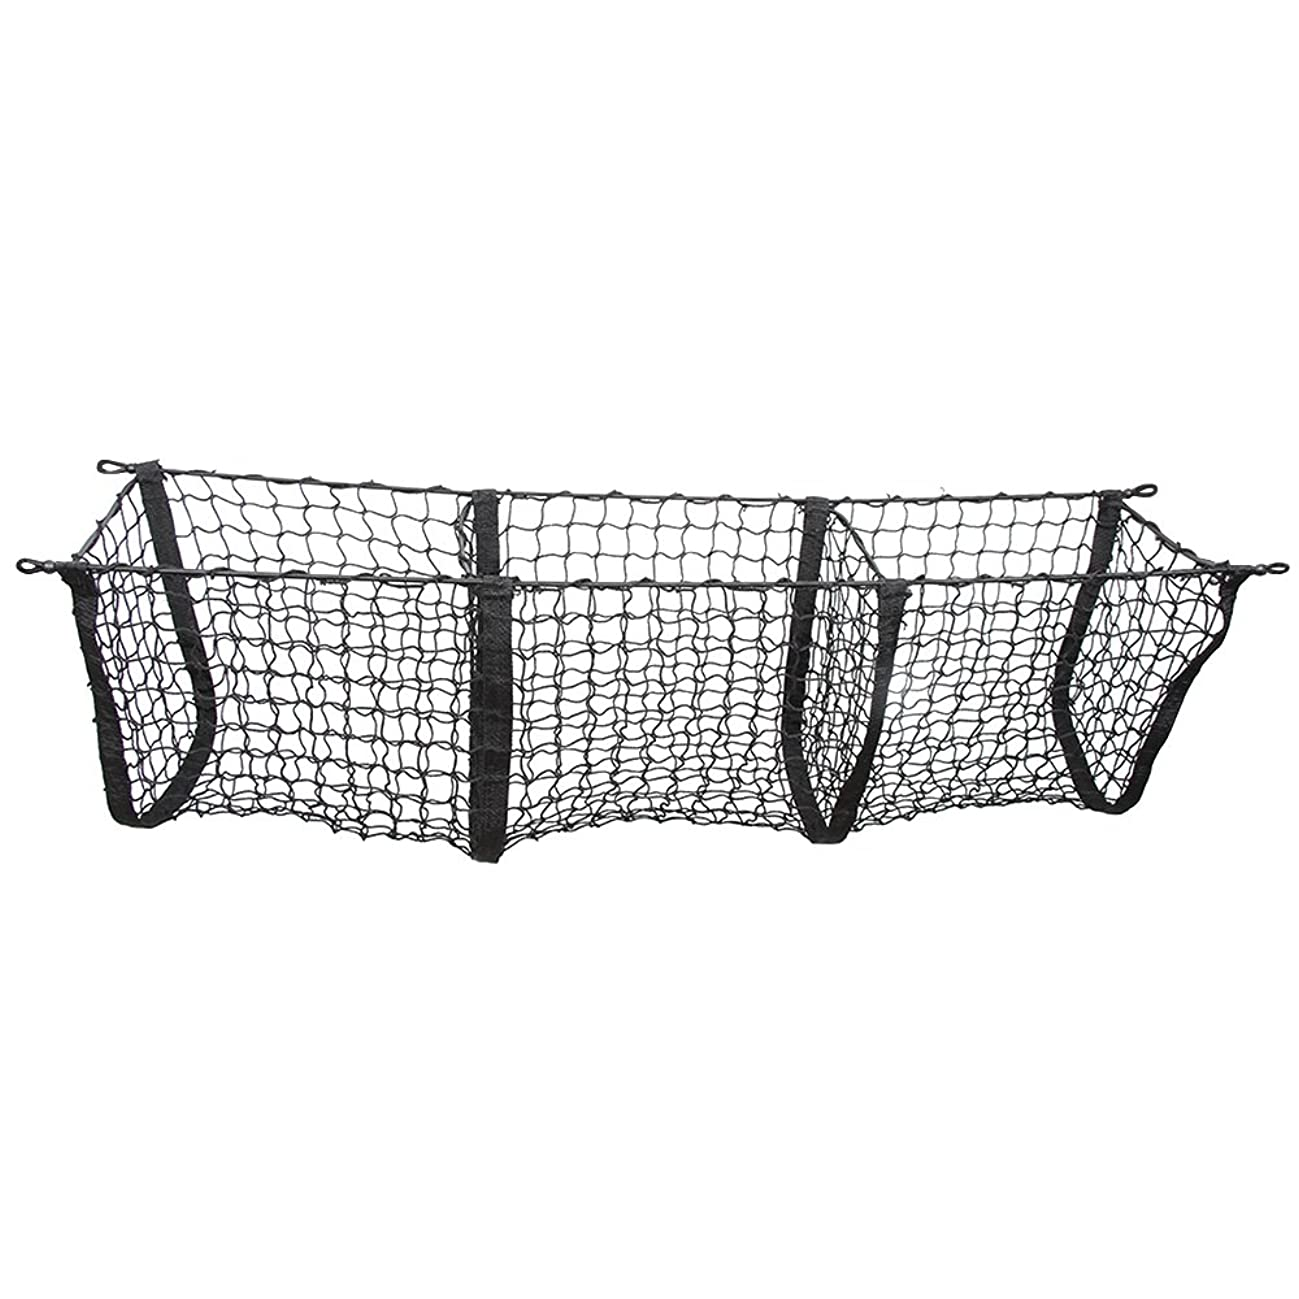 Black Three-Pocket Storage Cargo Net For NISSAN PATHFINDER 2013 14 15 2016 2017 2018